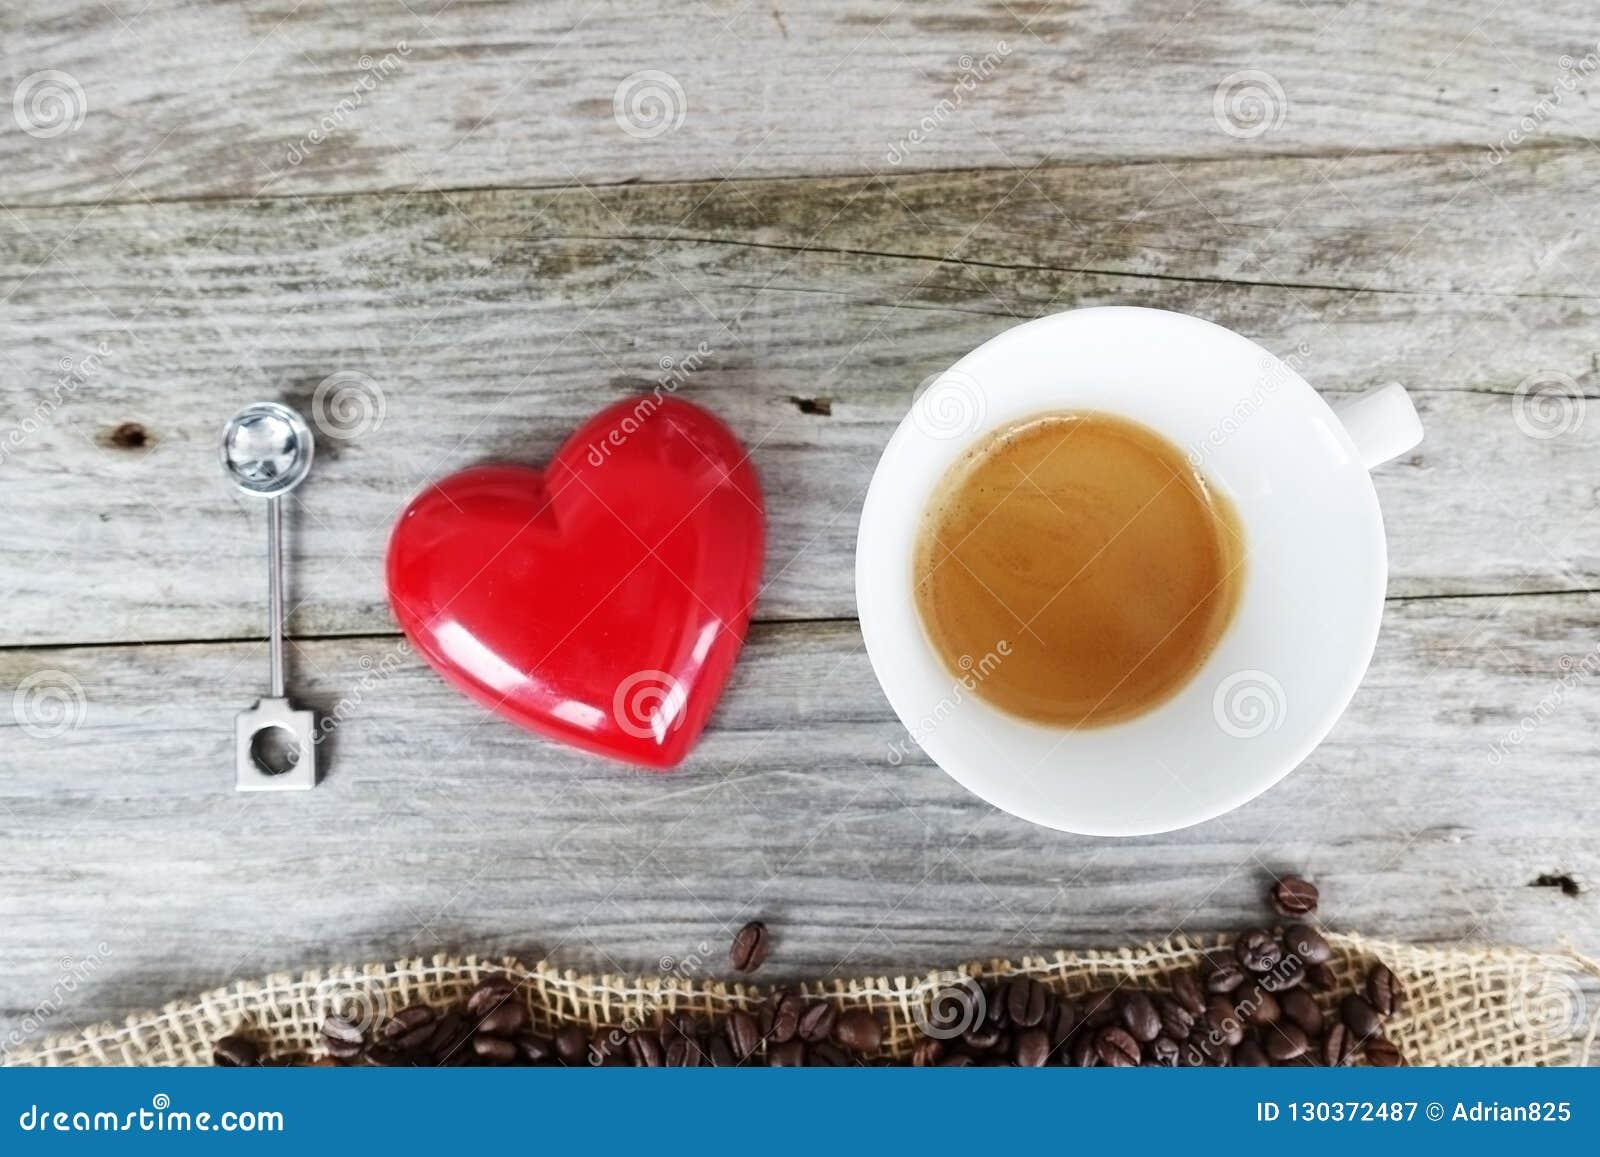 Ik houd koffie van citaat met natuurlijke koffiebonen in hartvorm op een houten keukenlijst